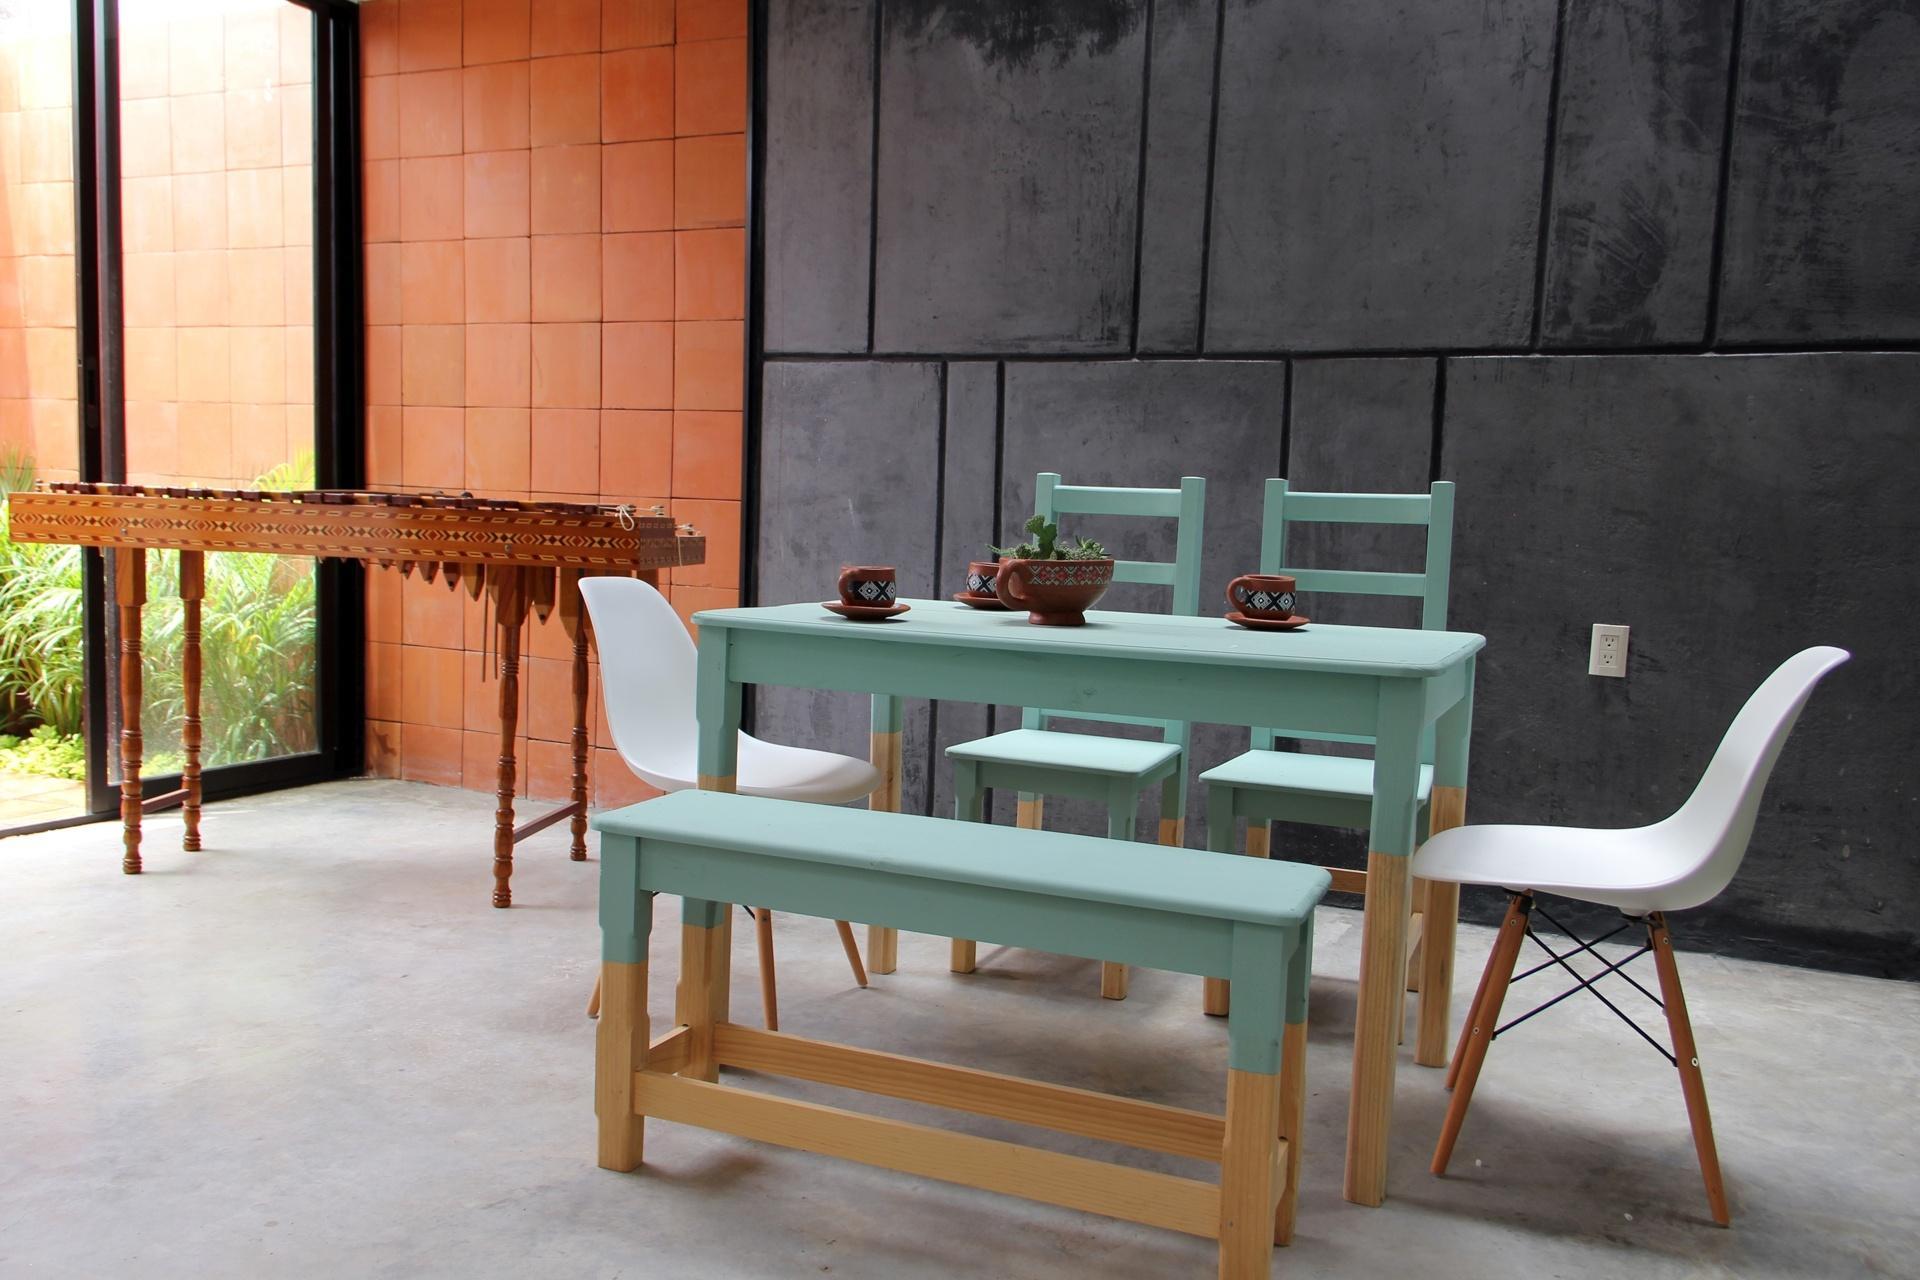 de assentos que mistura o 'design' simples e rústico (das cadeiras  #9B7E30 1920x1280